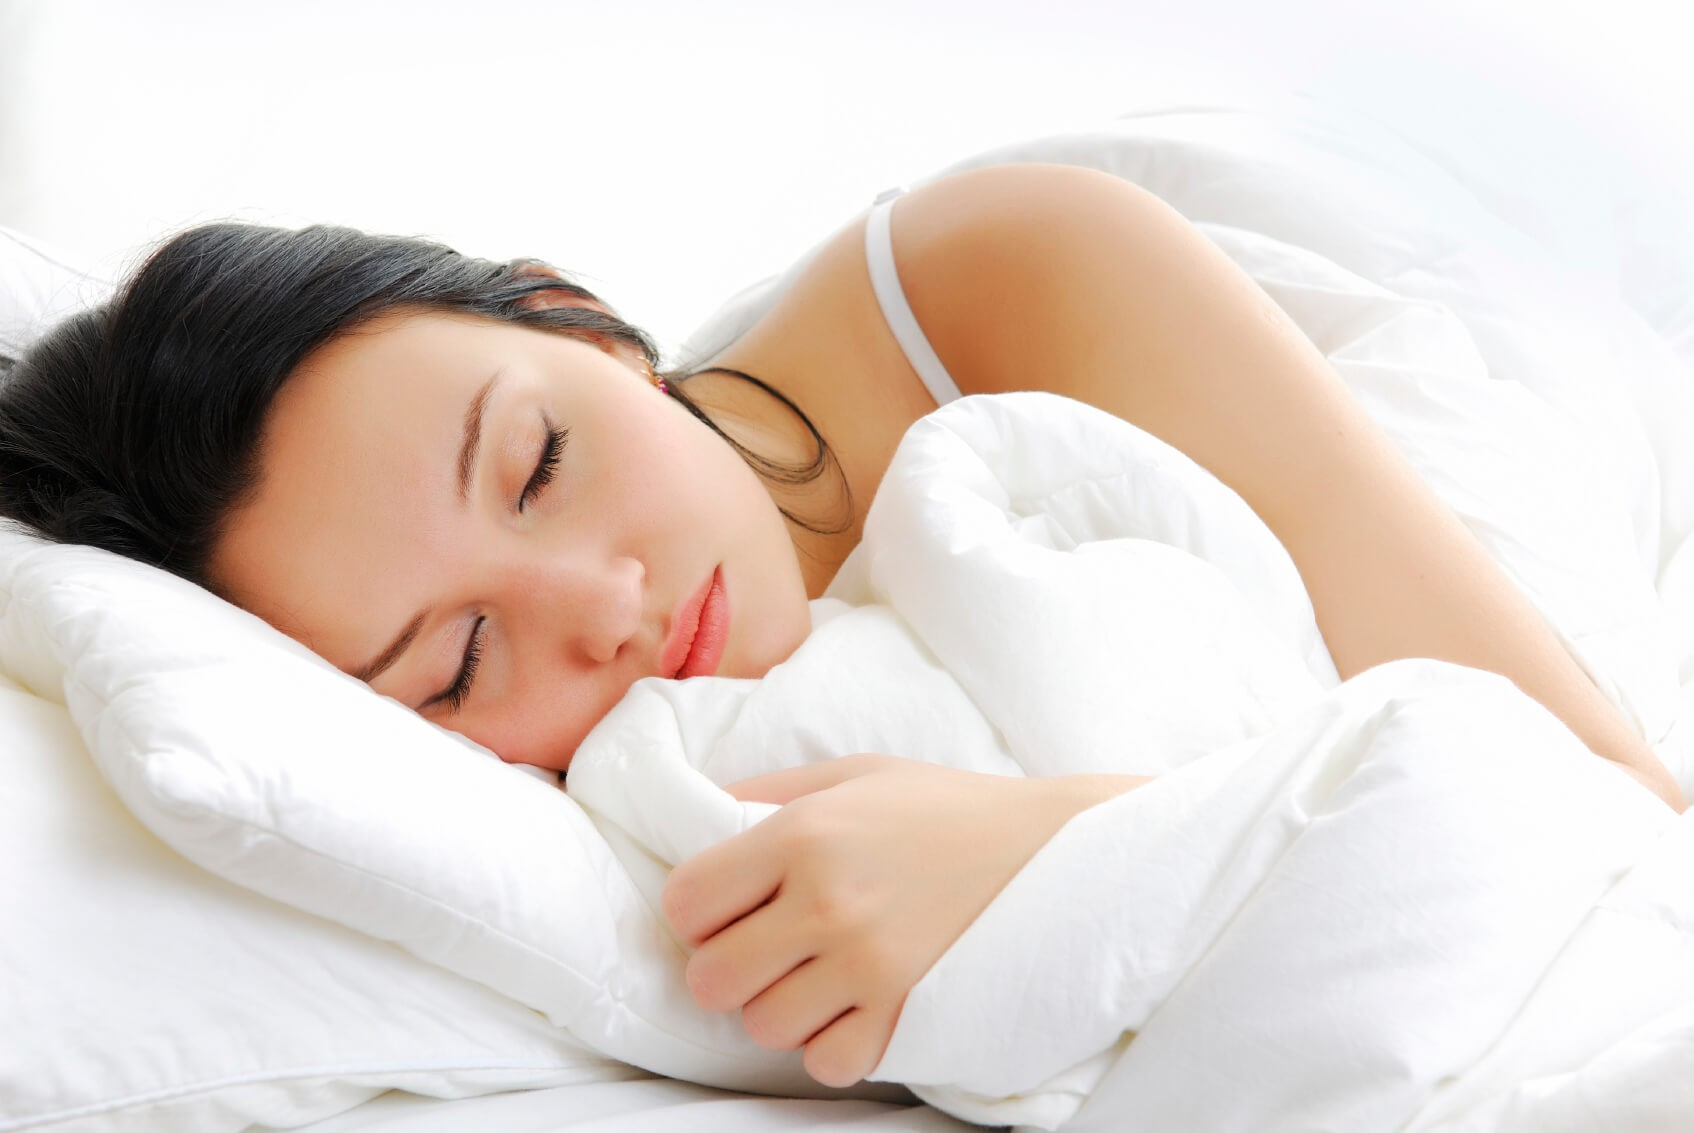 Hoa tam thất cải thiện chứng mất ngủ, khó ngủ